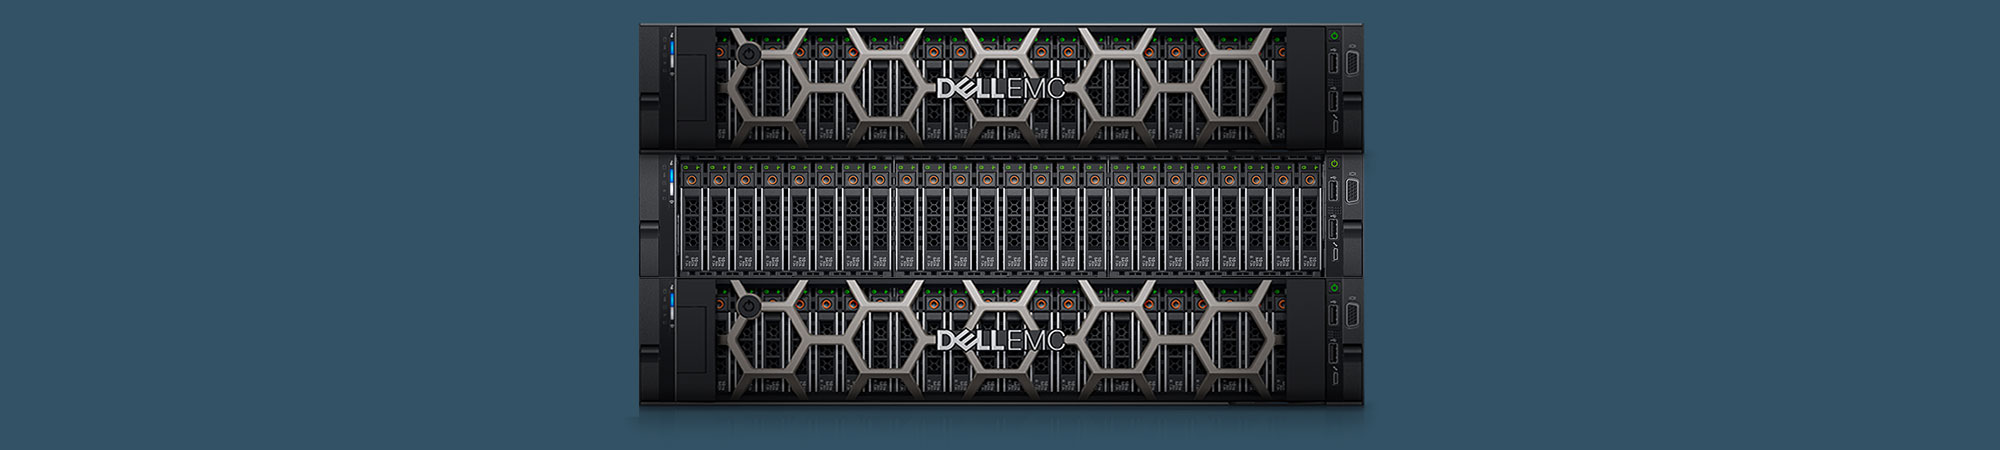 VPS Dell EMC